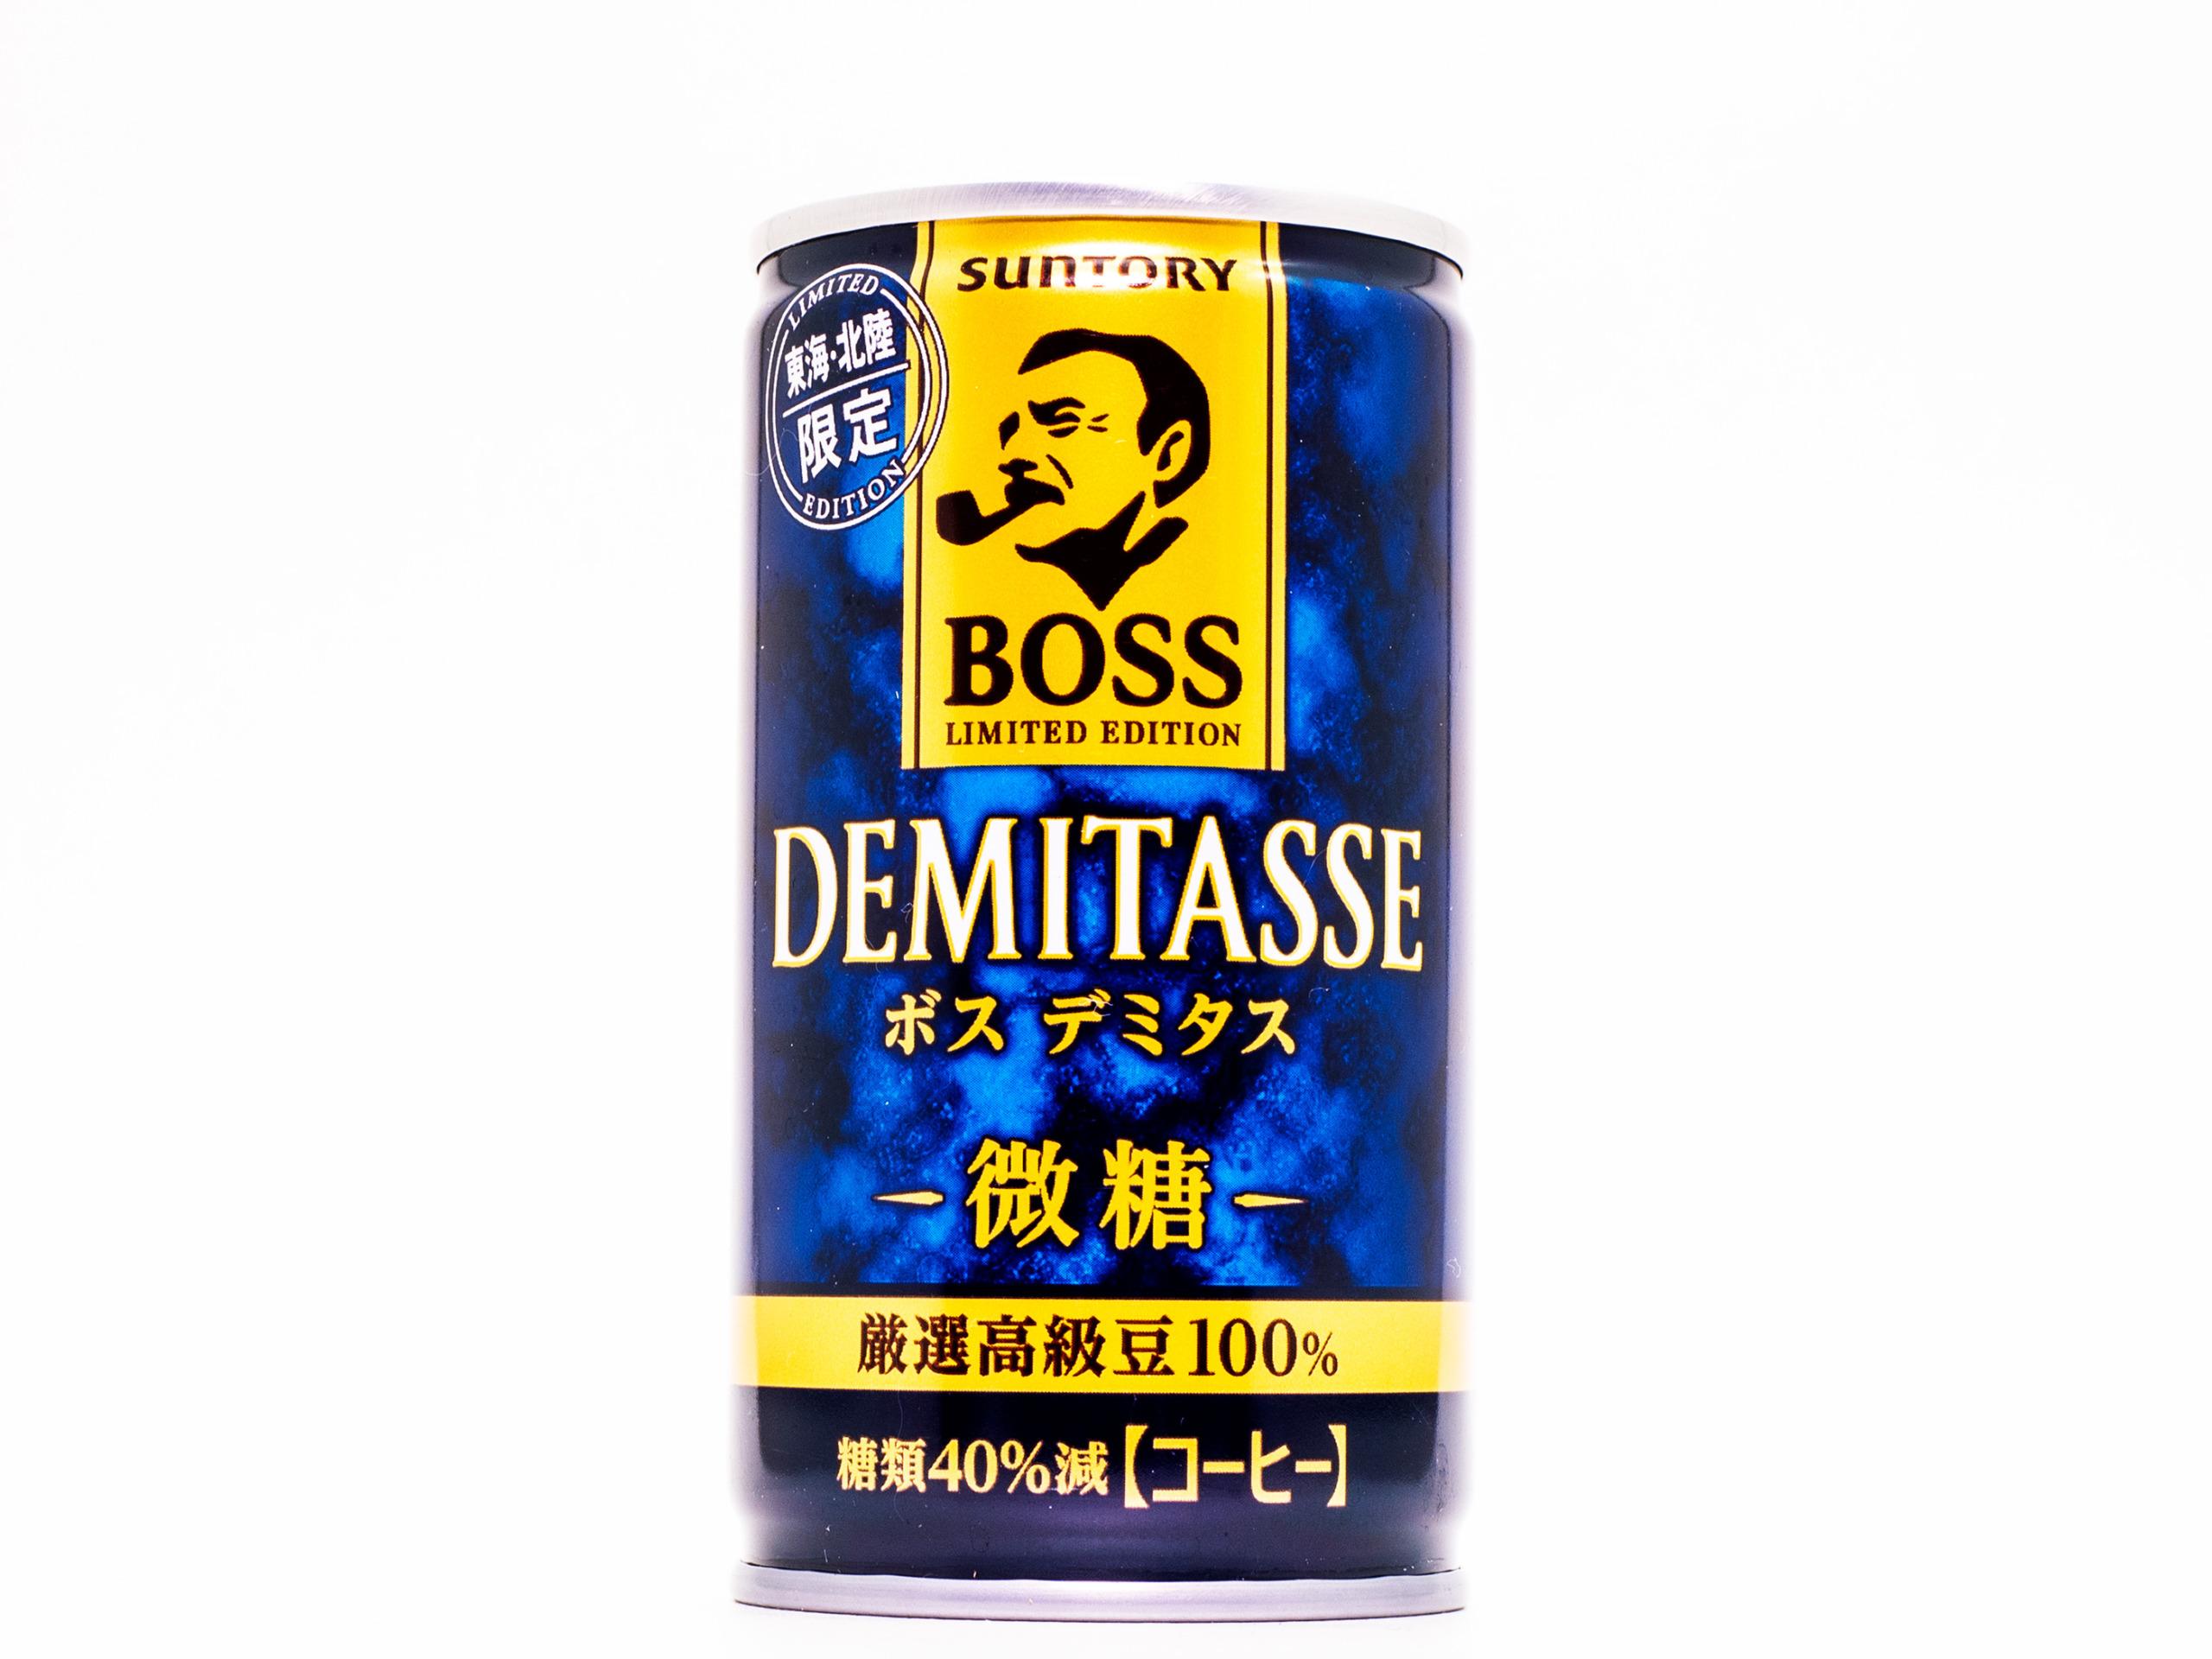 サントリーフーズ BOSS デミタス 微糖